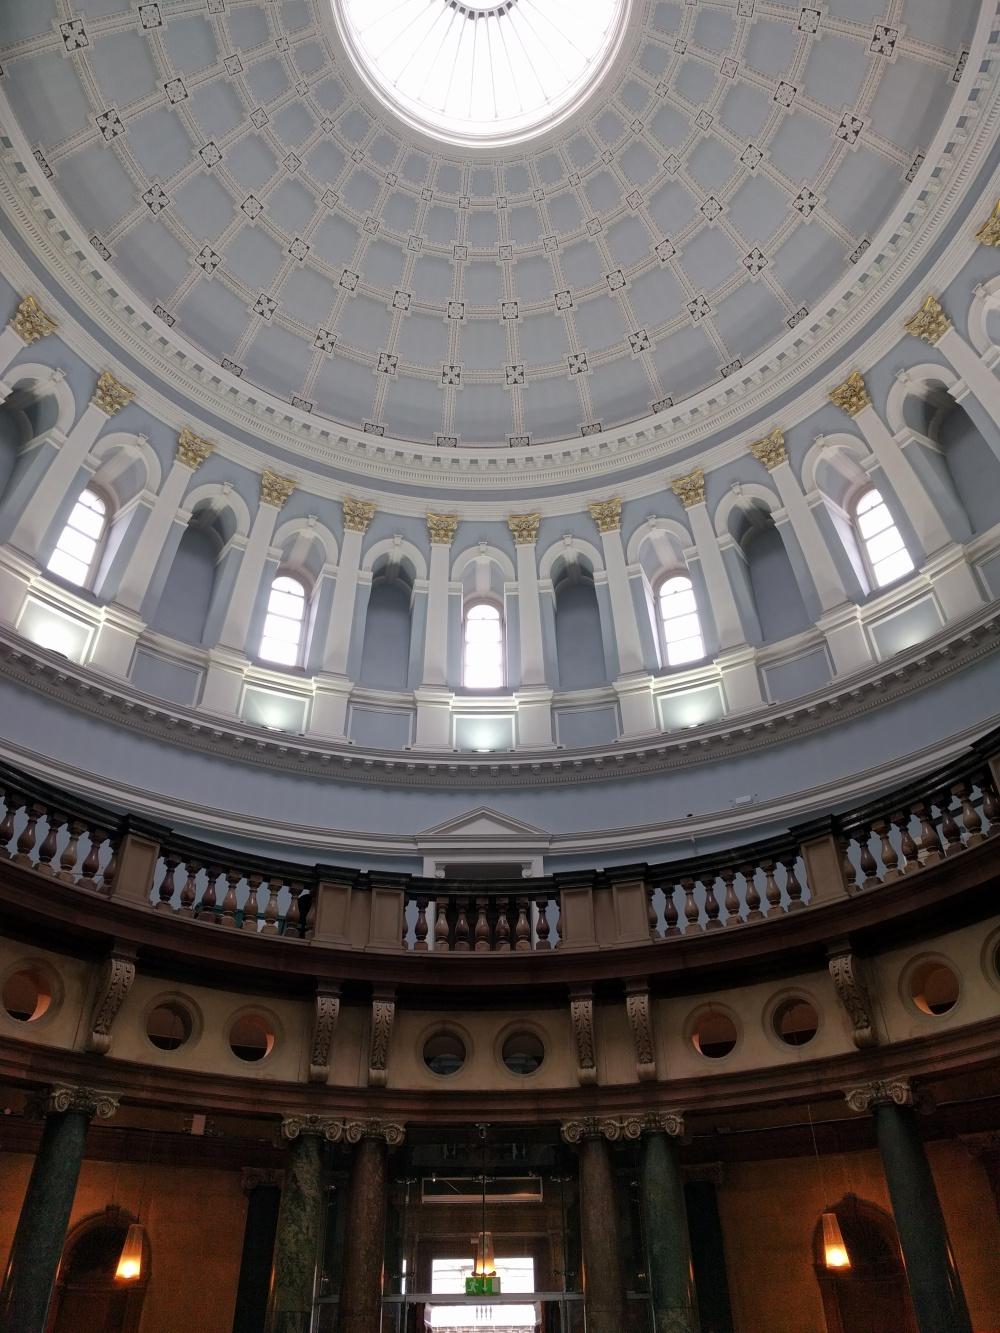 Architettura-cupola-Museo-Museo Nazionale archeologia Irlanda-Dublino-Irlanda-Cosa vedere a Dublino